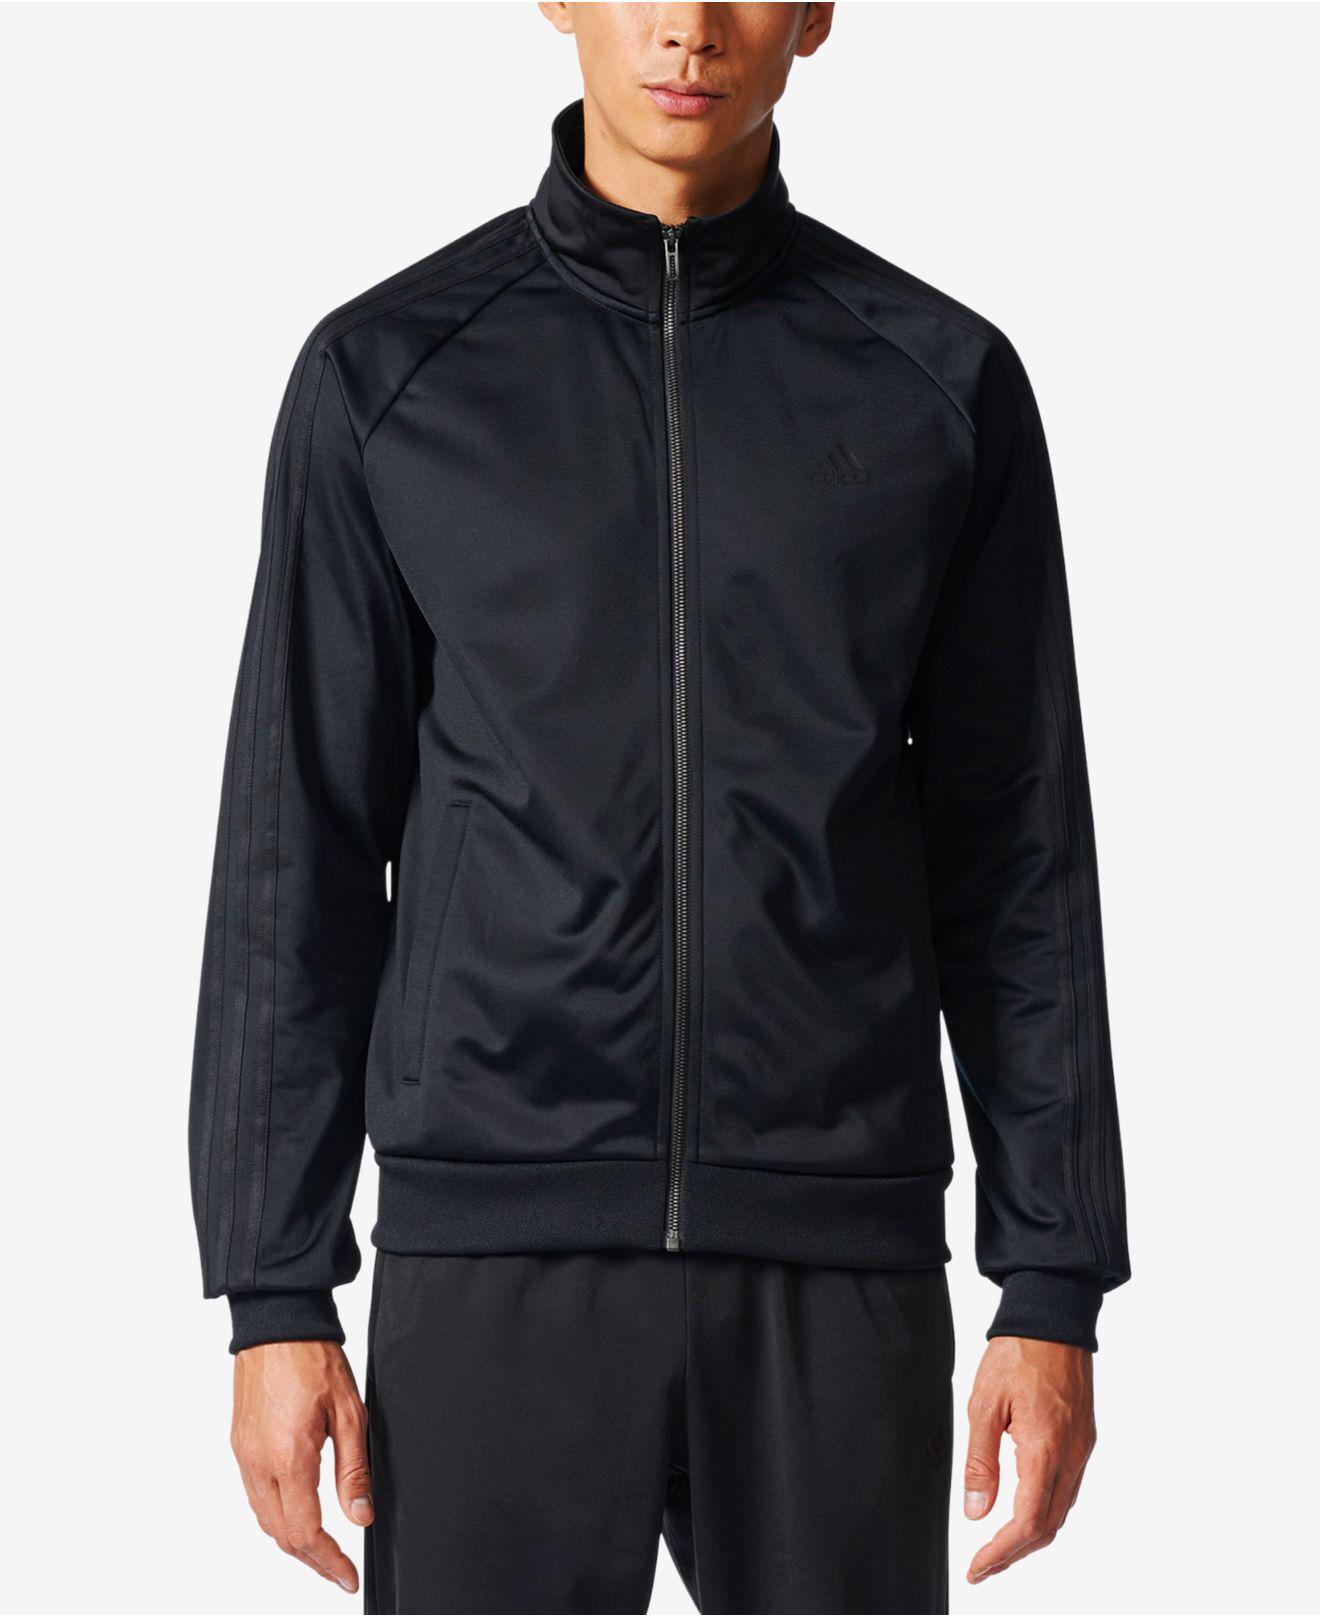 Lyst adidas hombres chaqueta de calentamiento tres rayas en negro para hombres